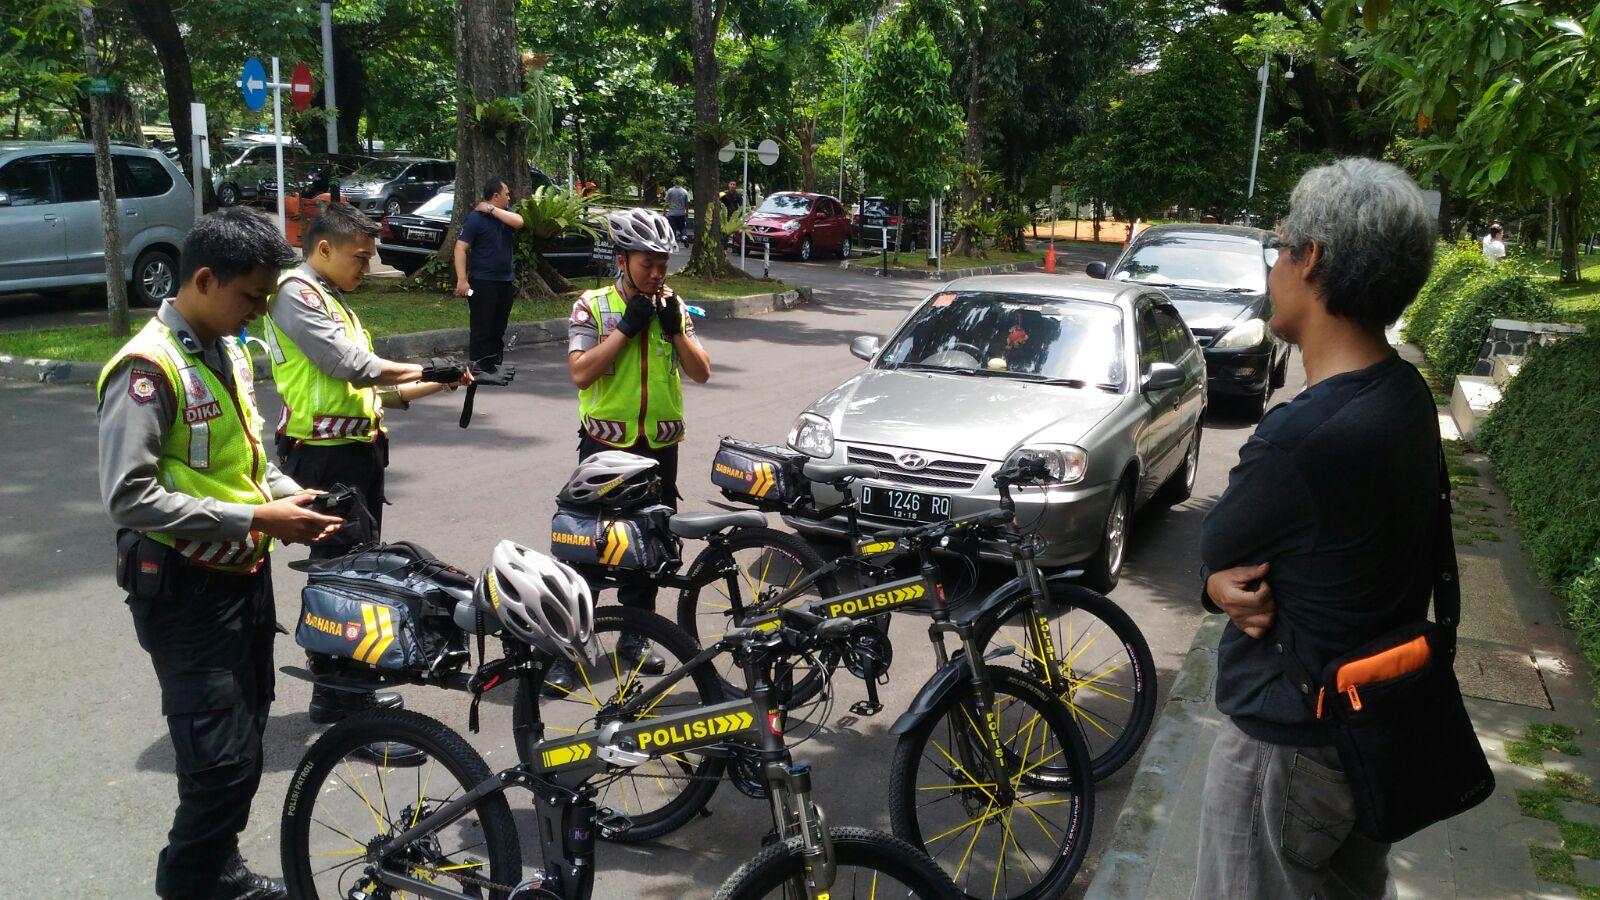 Koleksi 97 Gambar Sepeda Motor Polisi Terlengkap | Motor Jepit